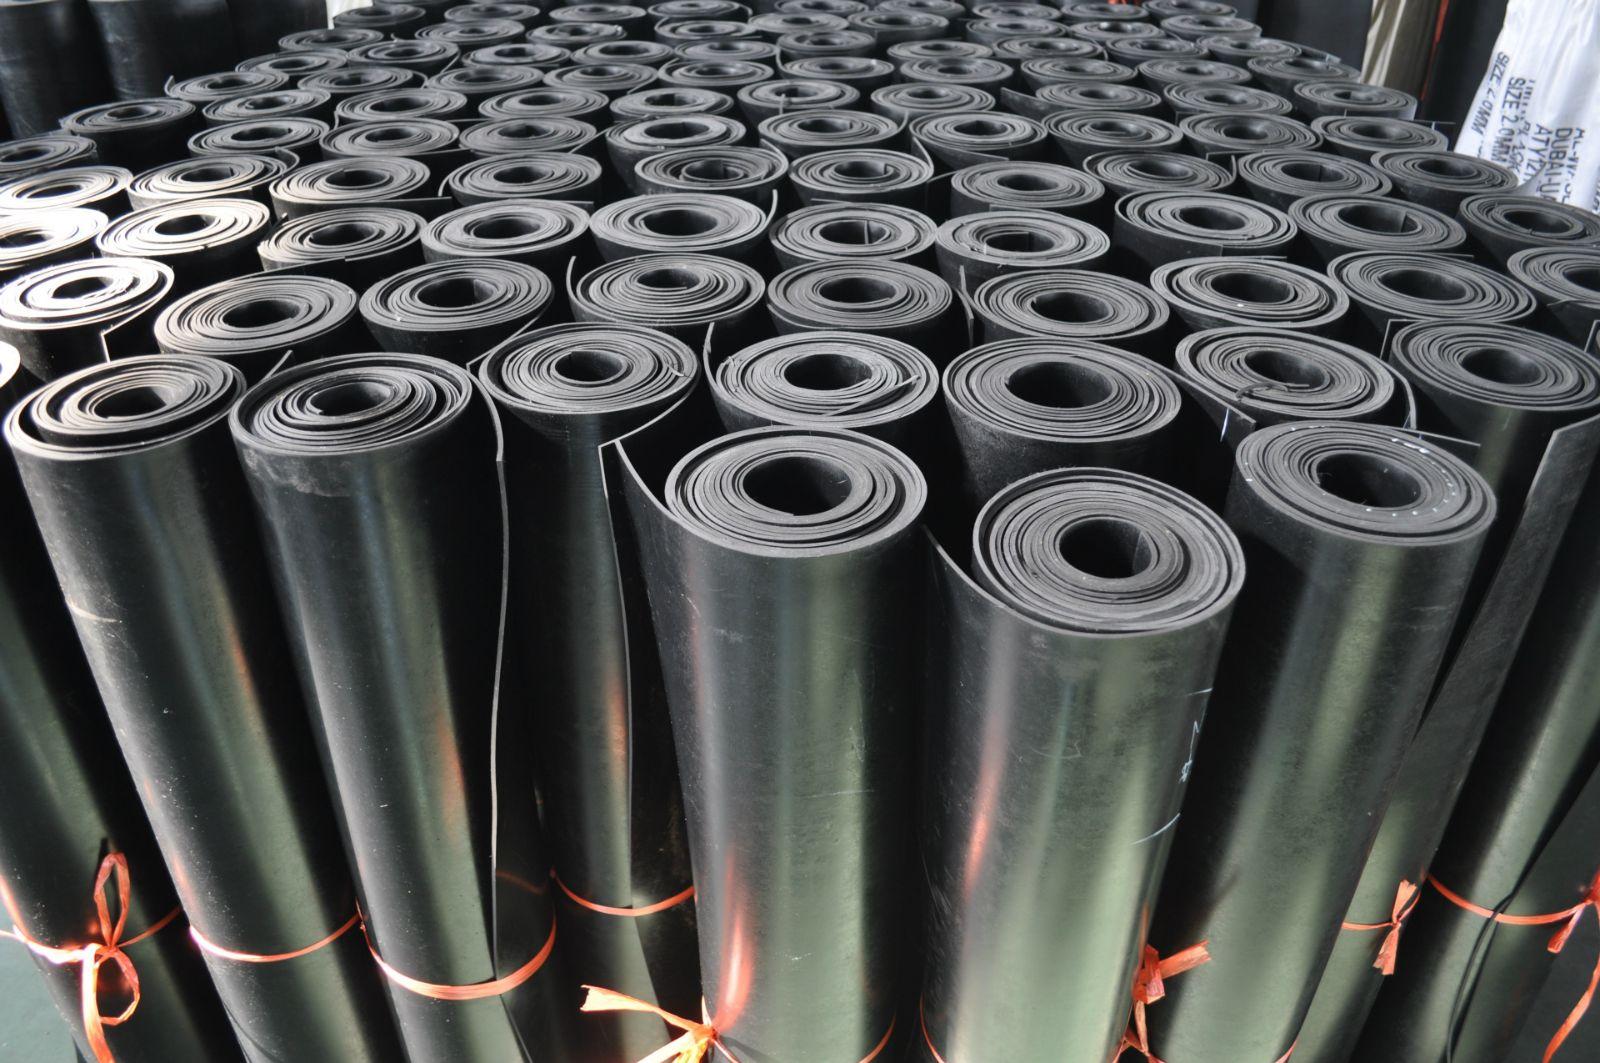 天然橡胶期货价格影响因素